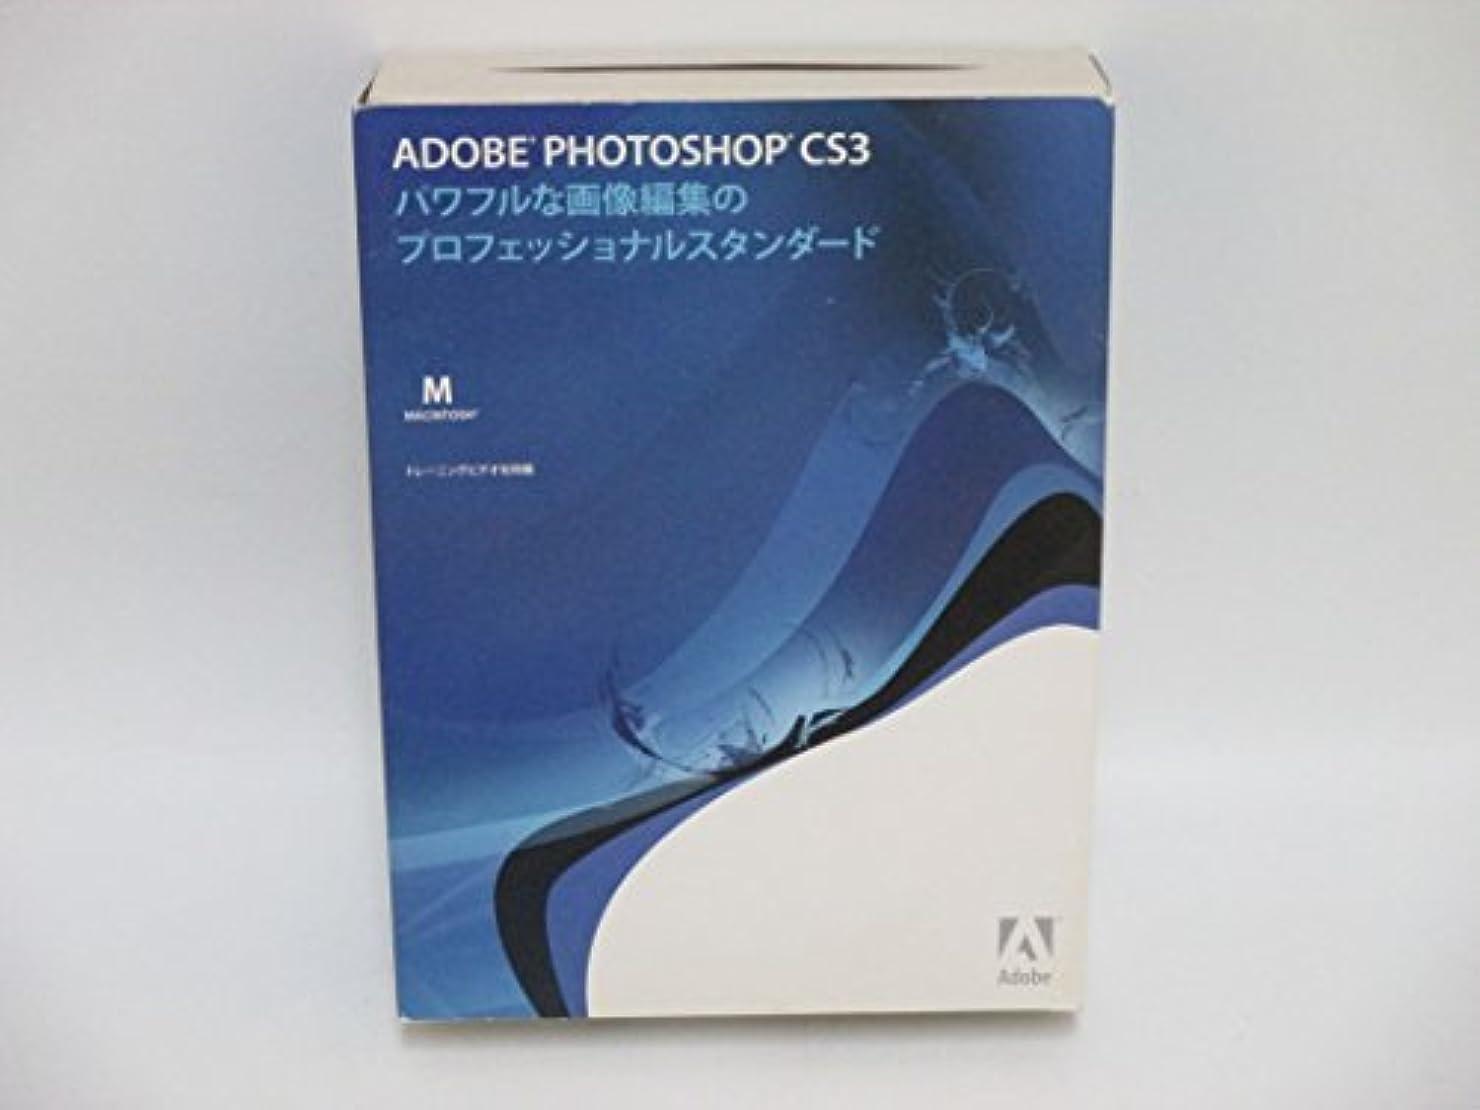 食事不透明なコショウAdobe Photoshop CS3 Macintosh版 (旧製品) [並行輸入品]